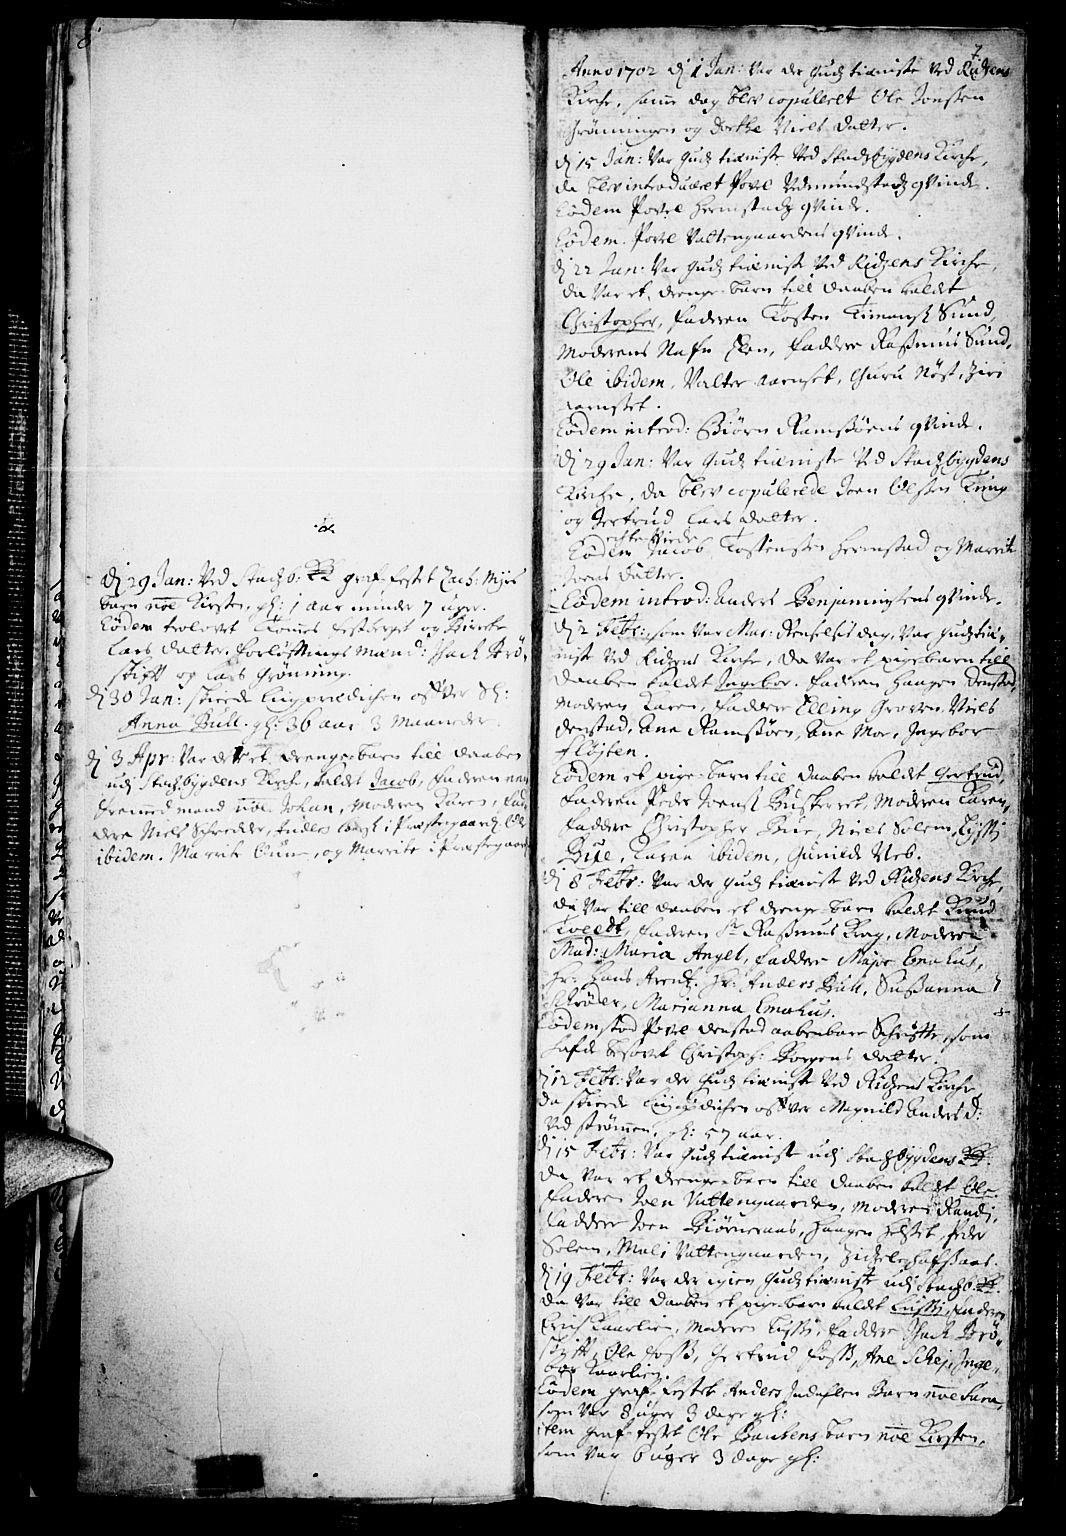 SAT, Ministerialprotokoller, klokkerbøker og fødselsregistre - Sør-Trøndelag, 646/L0603: Ministerialbok nr. 646A01, 1700-1734, s. 7